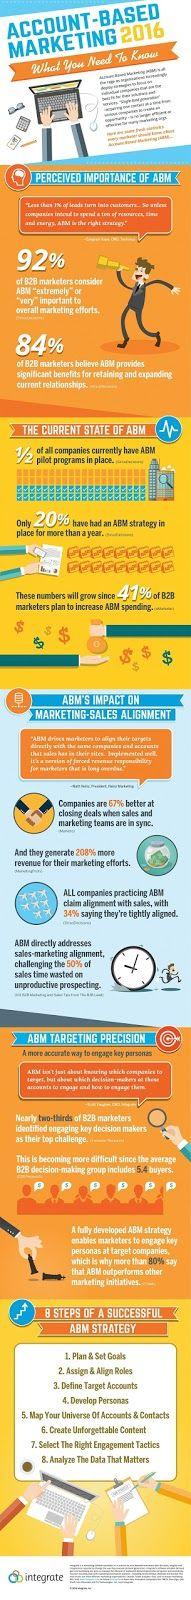 Account-Based Marketing (ABM) es una de las tendencias más populares en el marketing B2B hoy en día. Y aunque el ABM ciertamente tiene una serie de poderosos beneficios para los vendedores, sigue habiendo confusión sobre cómo ejecutar correctamente y con éxito una estrategia ABM.